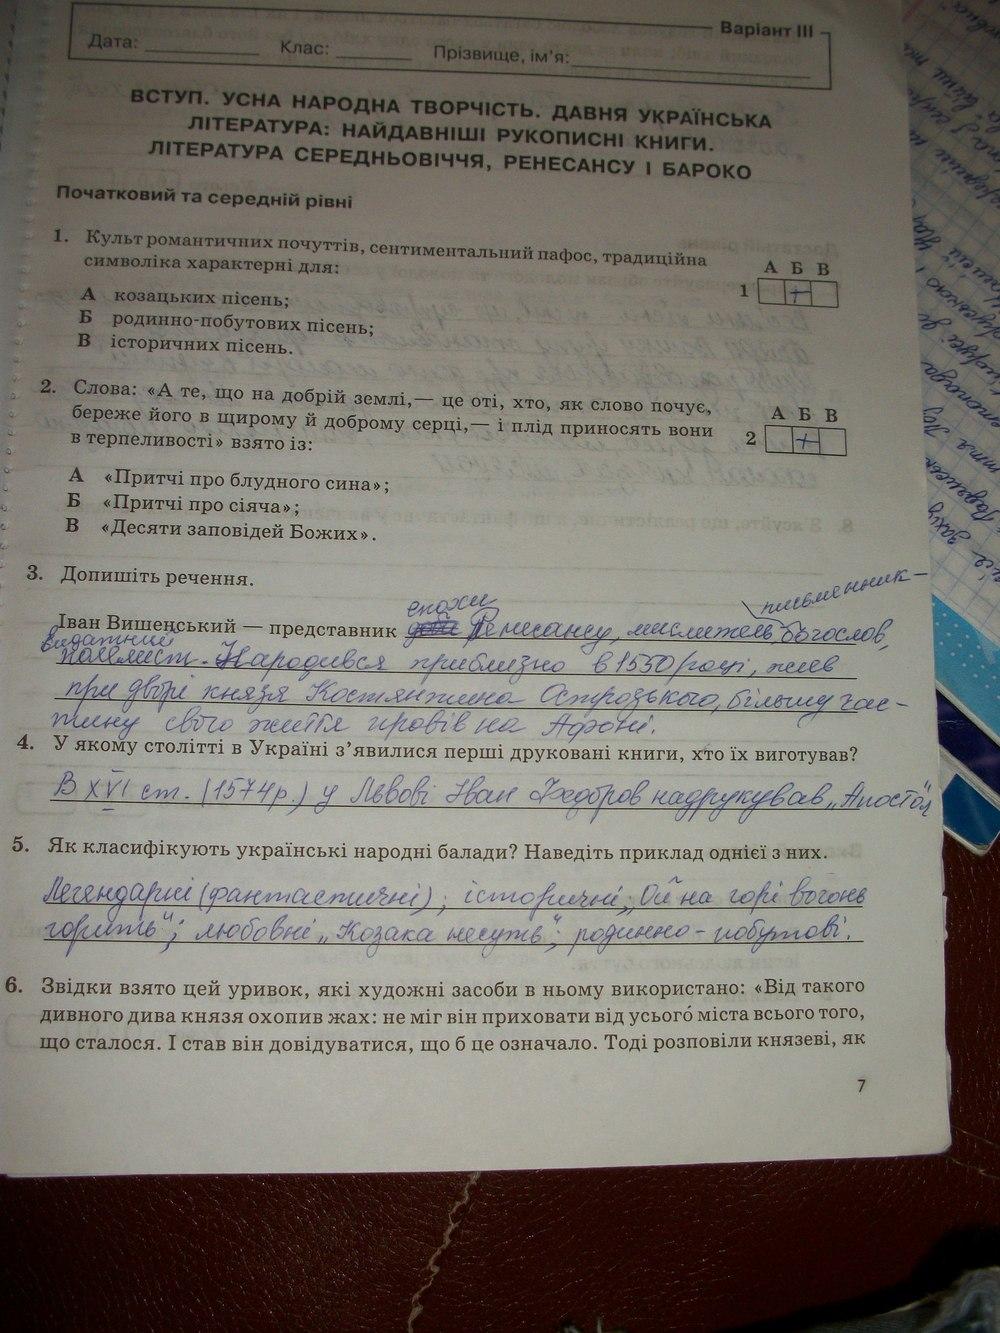 ГДЗ відповіді робочий зошит по литературе 9 класс В.В. Паращич. Задание: стр. 7